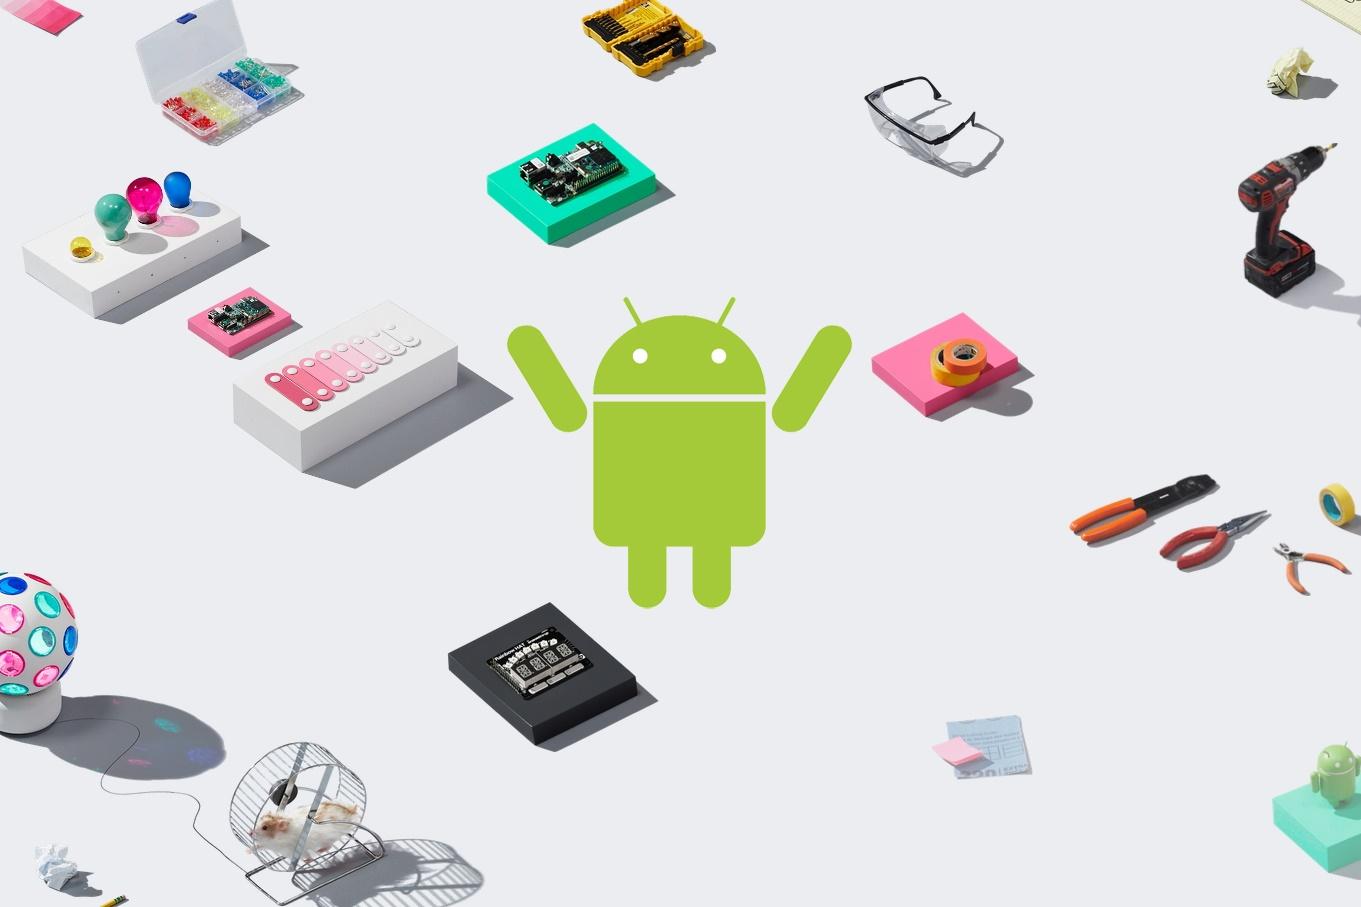 Google lança oficialmente o Android Things 1.0 um dia antes da I/O 2018